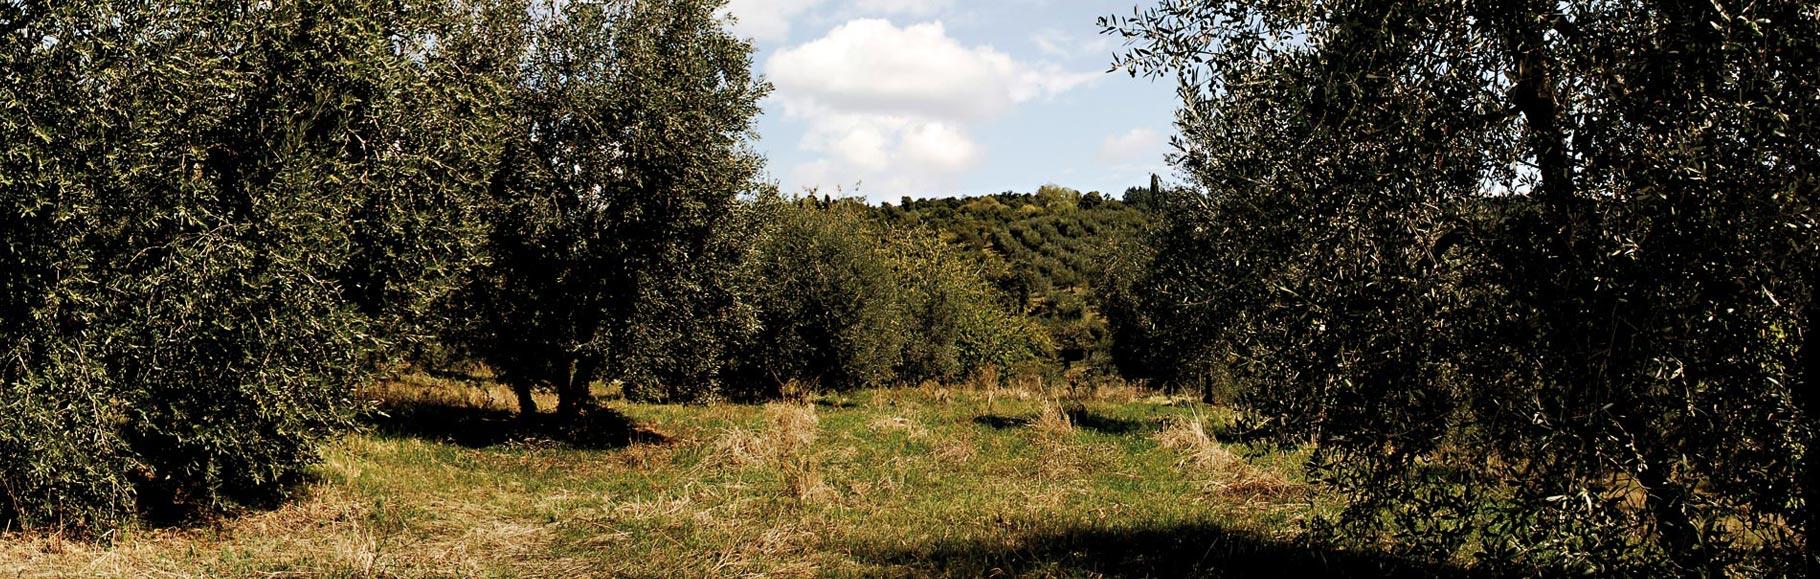 latorre_olivi